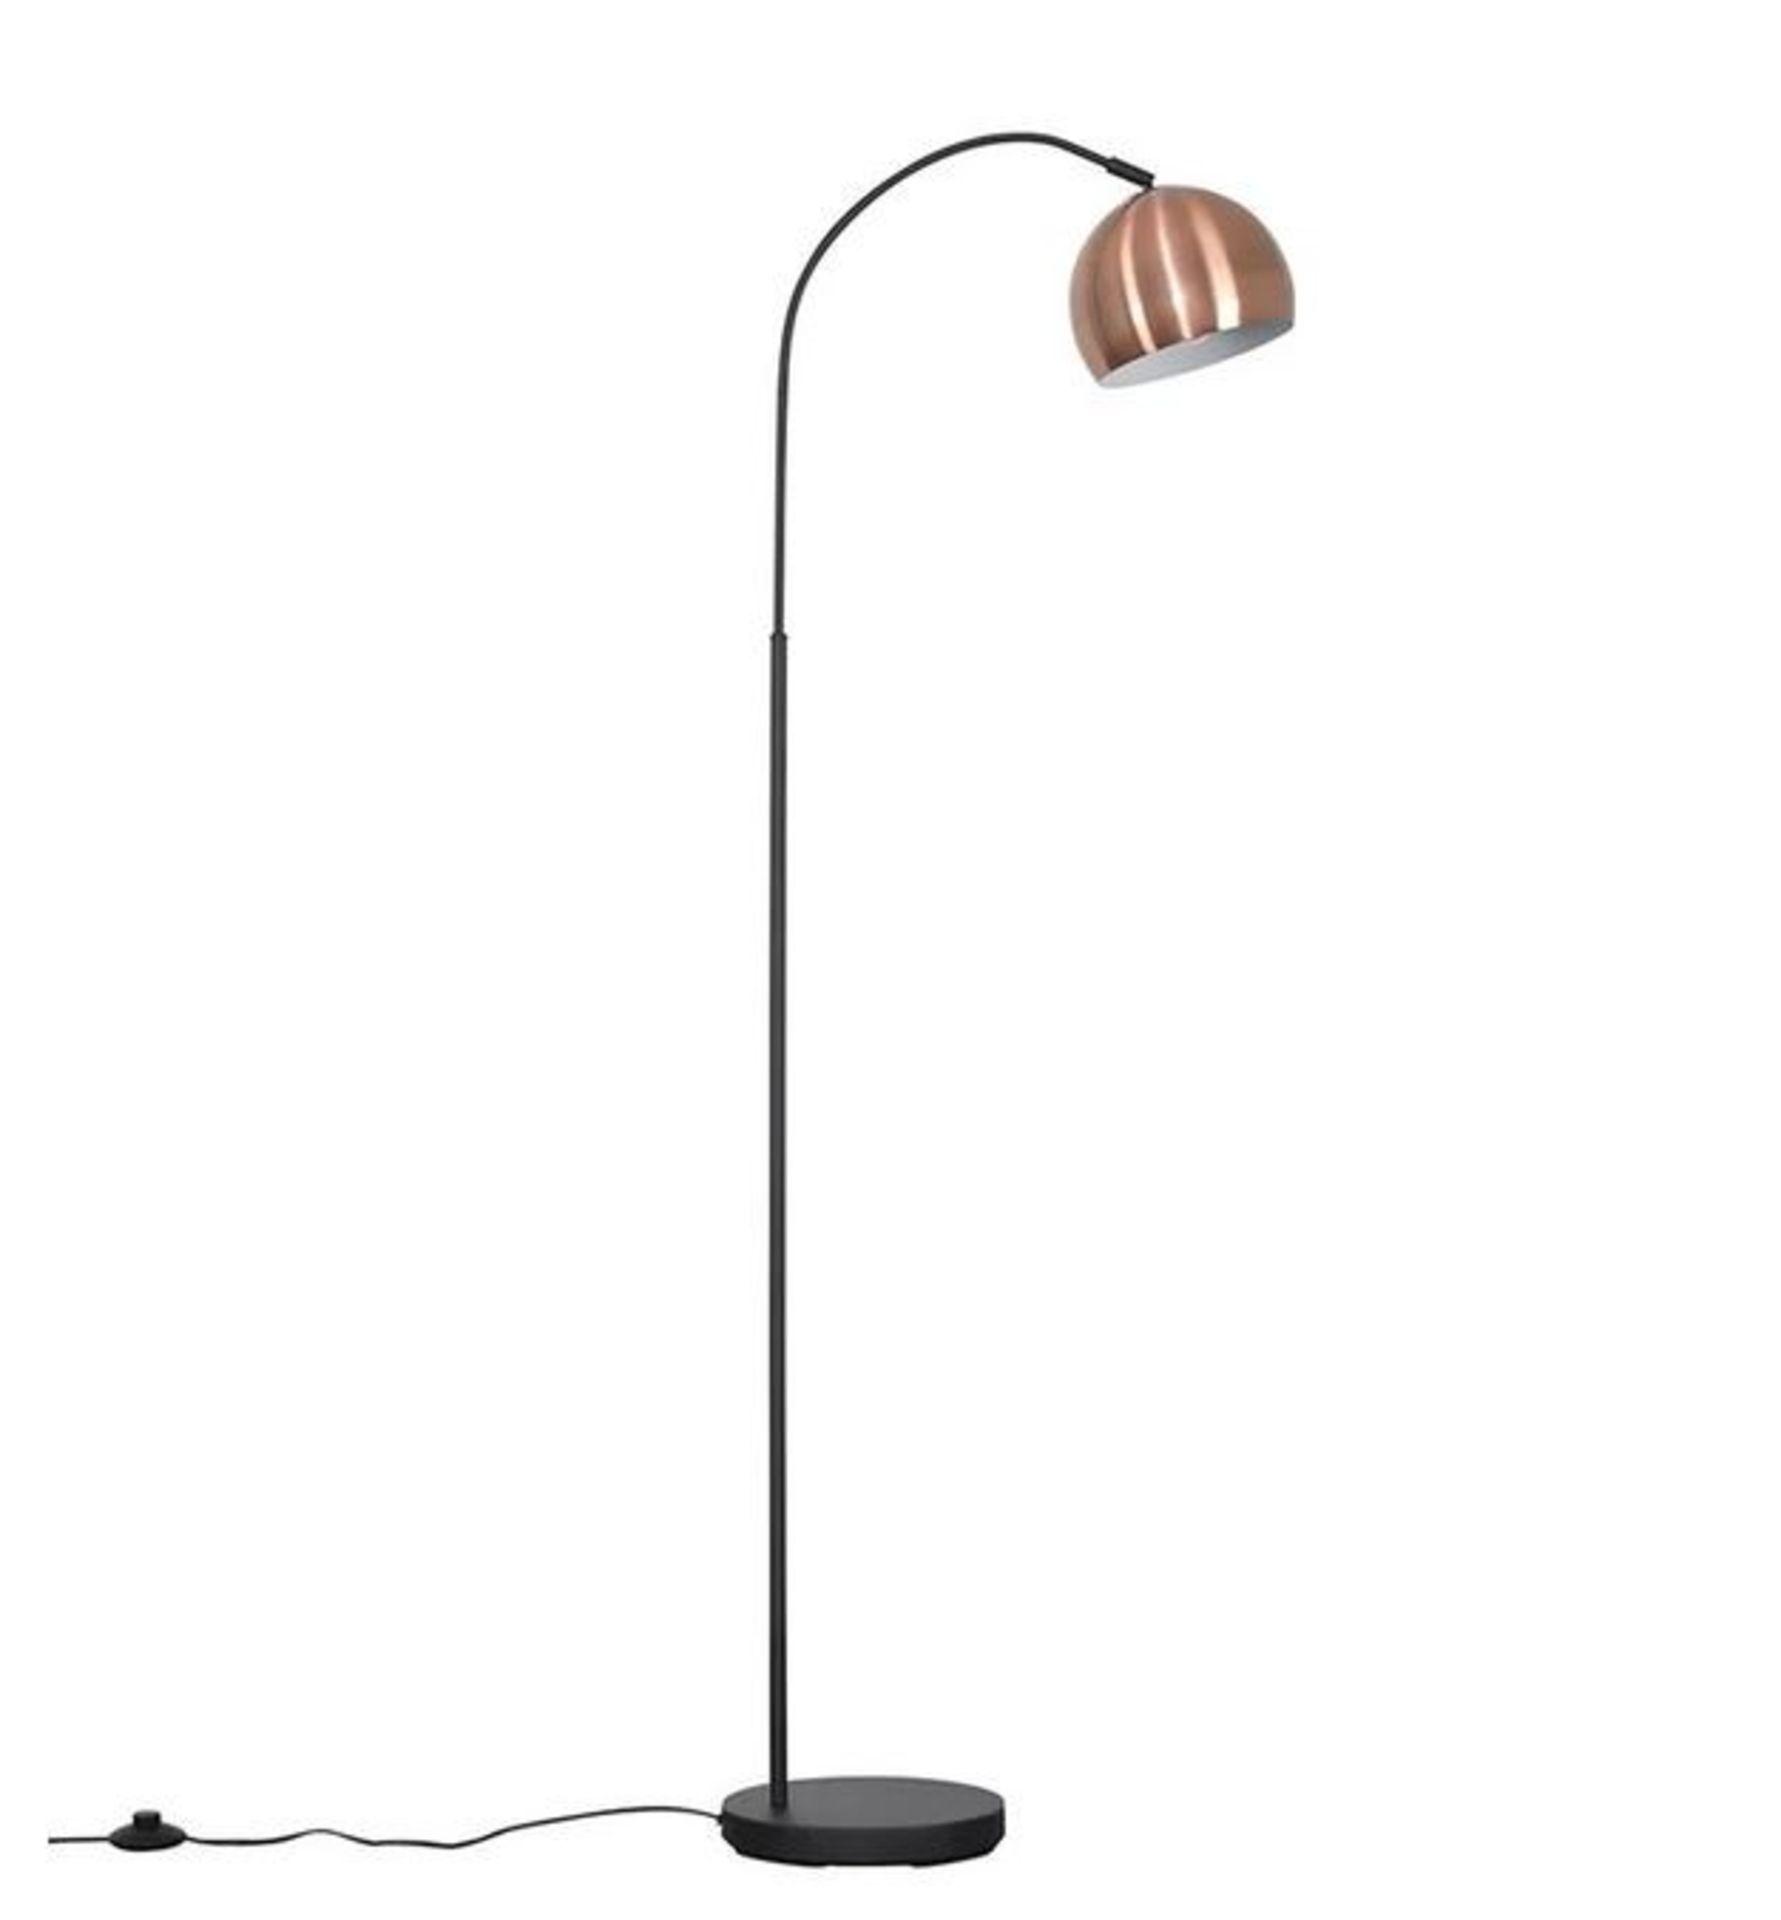 DEROSIER 150CM ARCED FLOOR LAMP